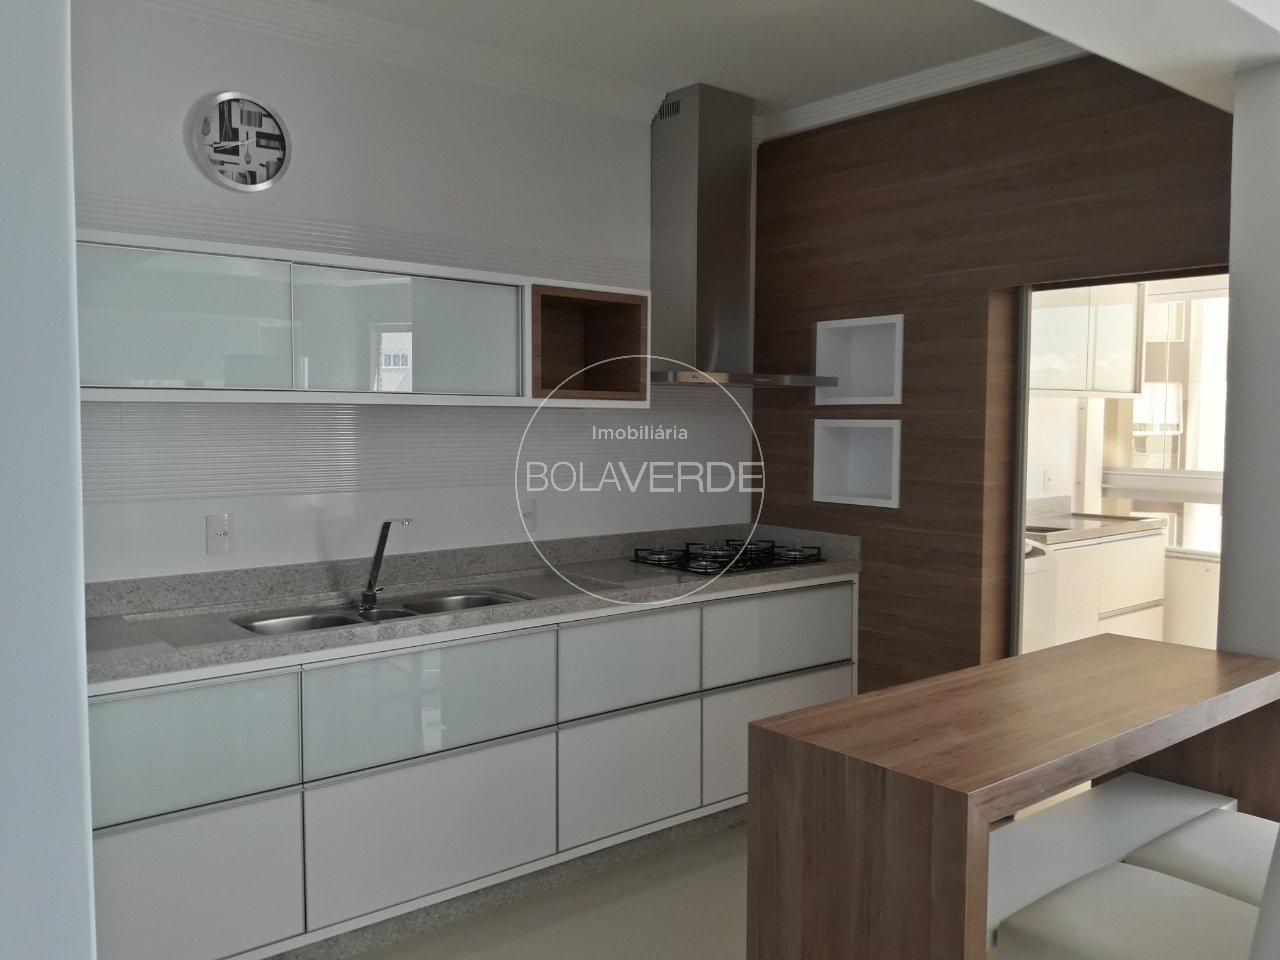 Apartamento à venda de 3 dormitórios no Barra Sul em Balneário Camboriú